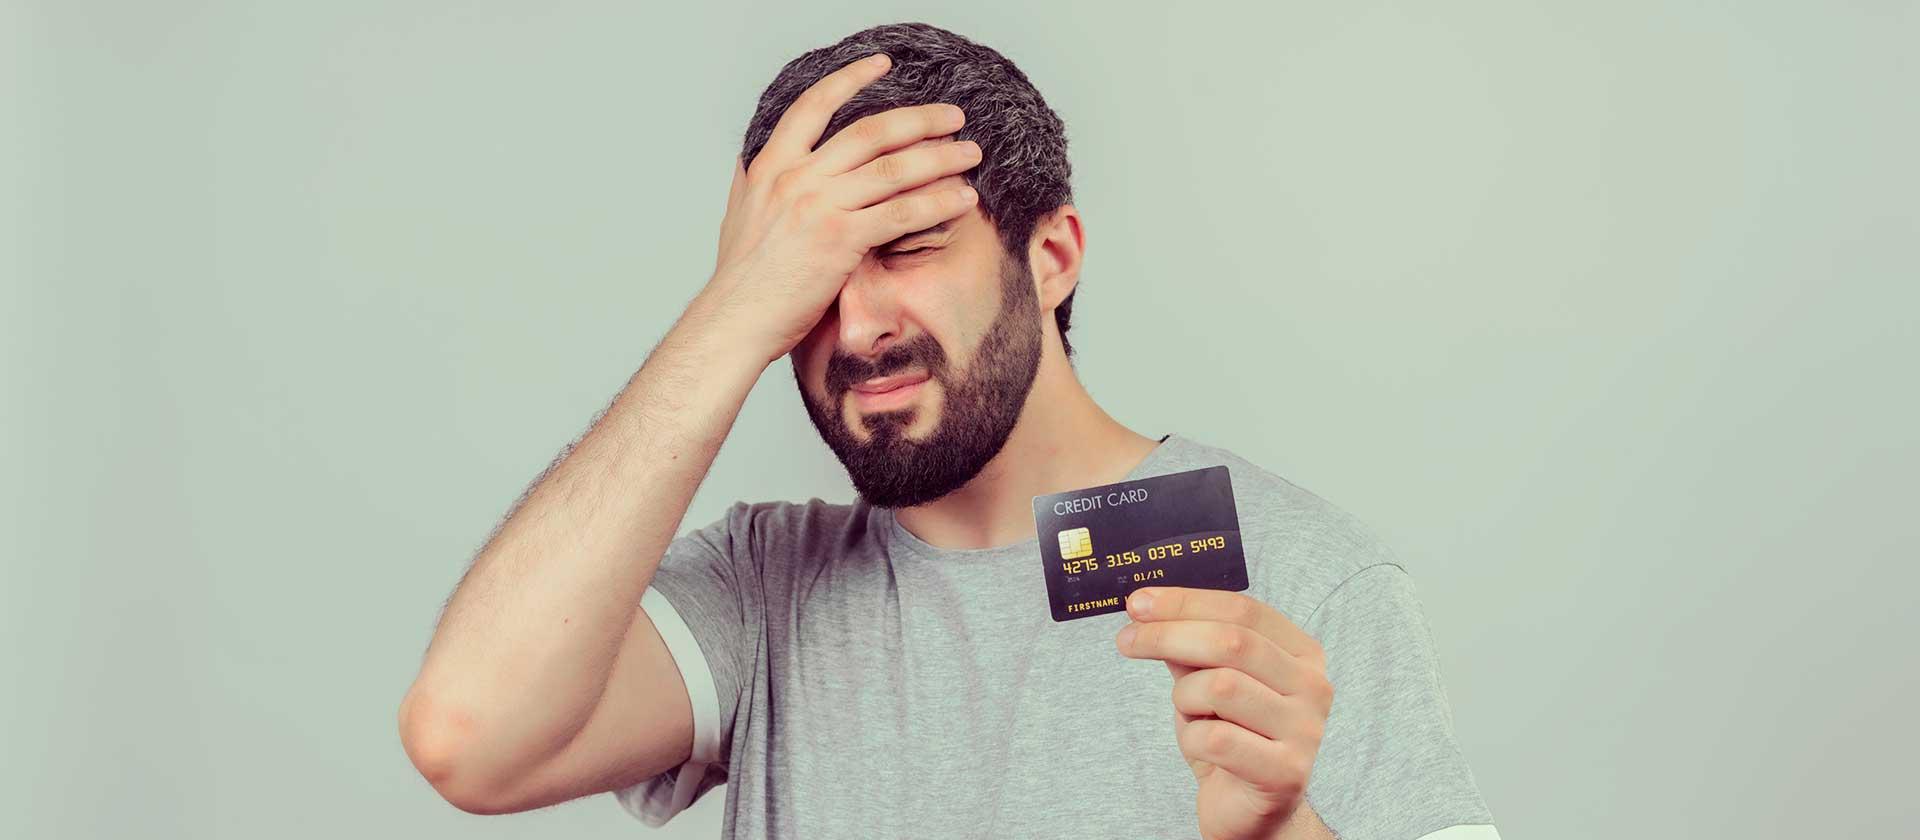 5 errores que debemos evitar al usar tarjeta de crédito